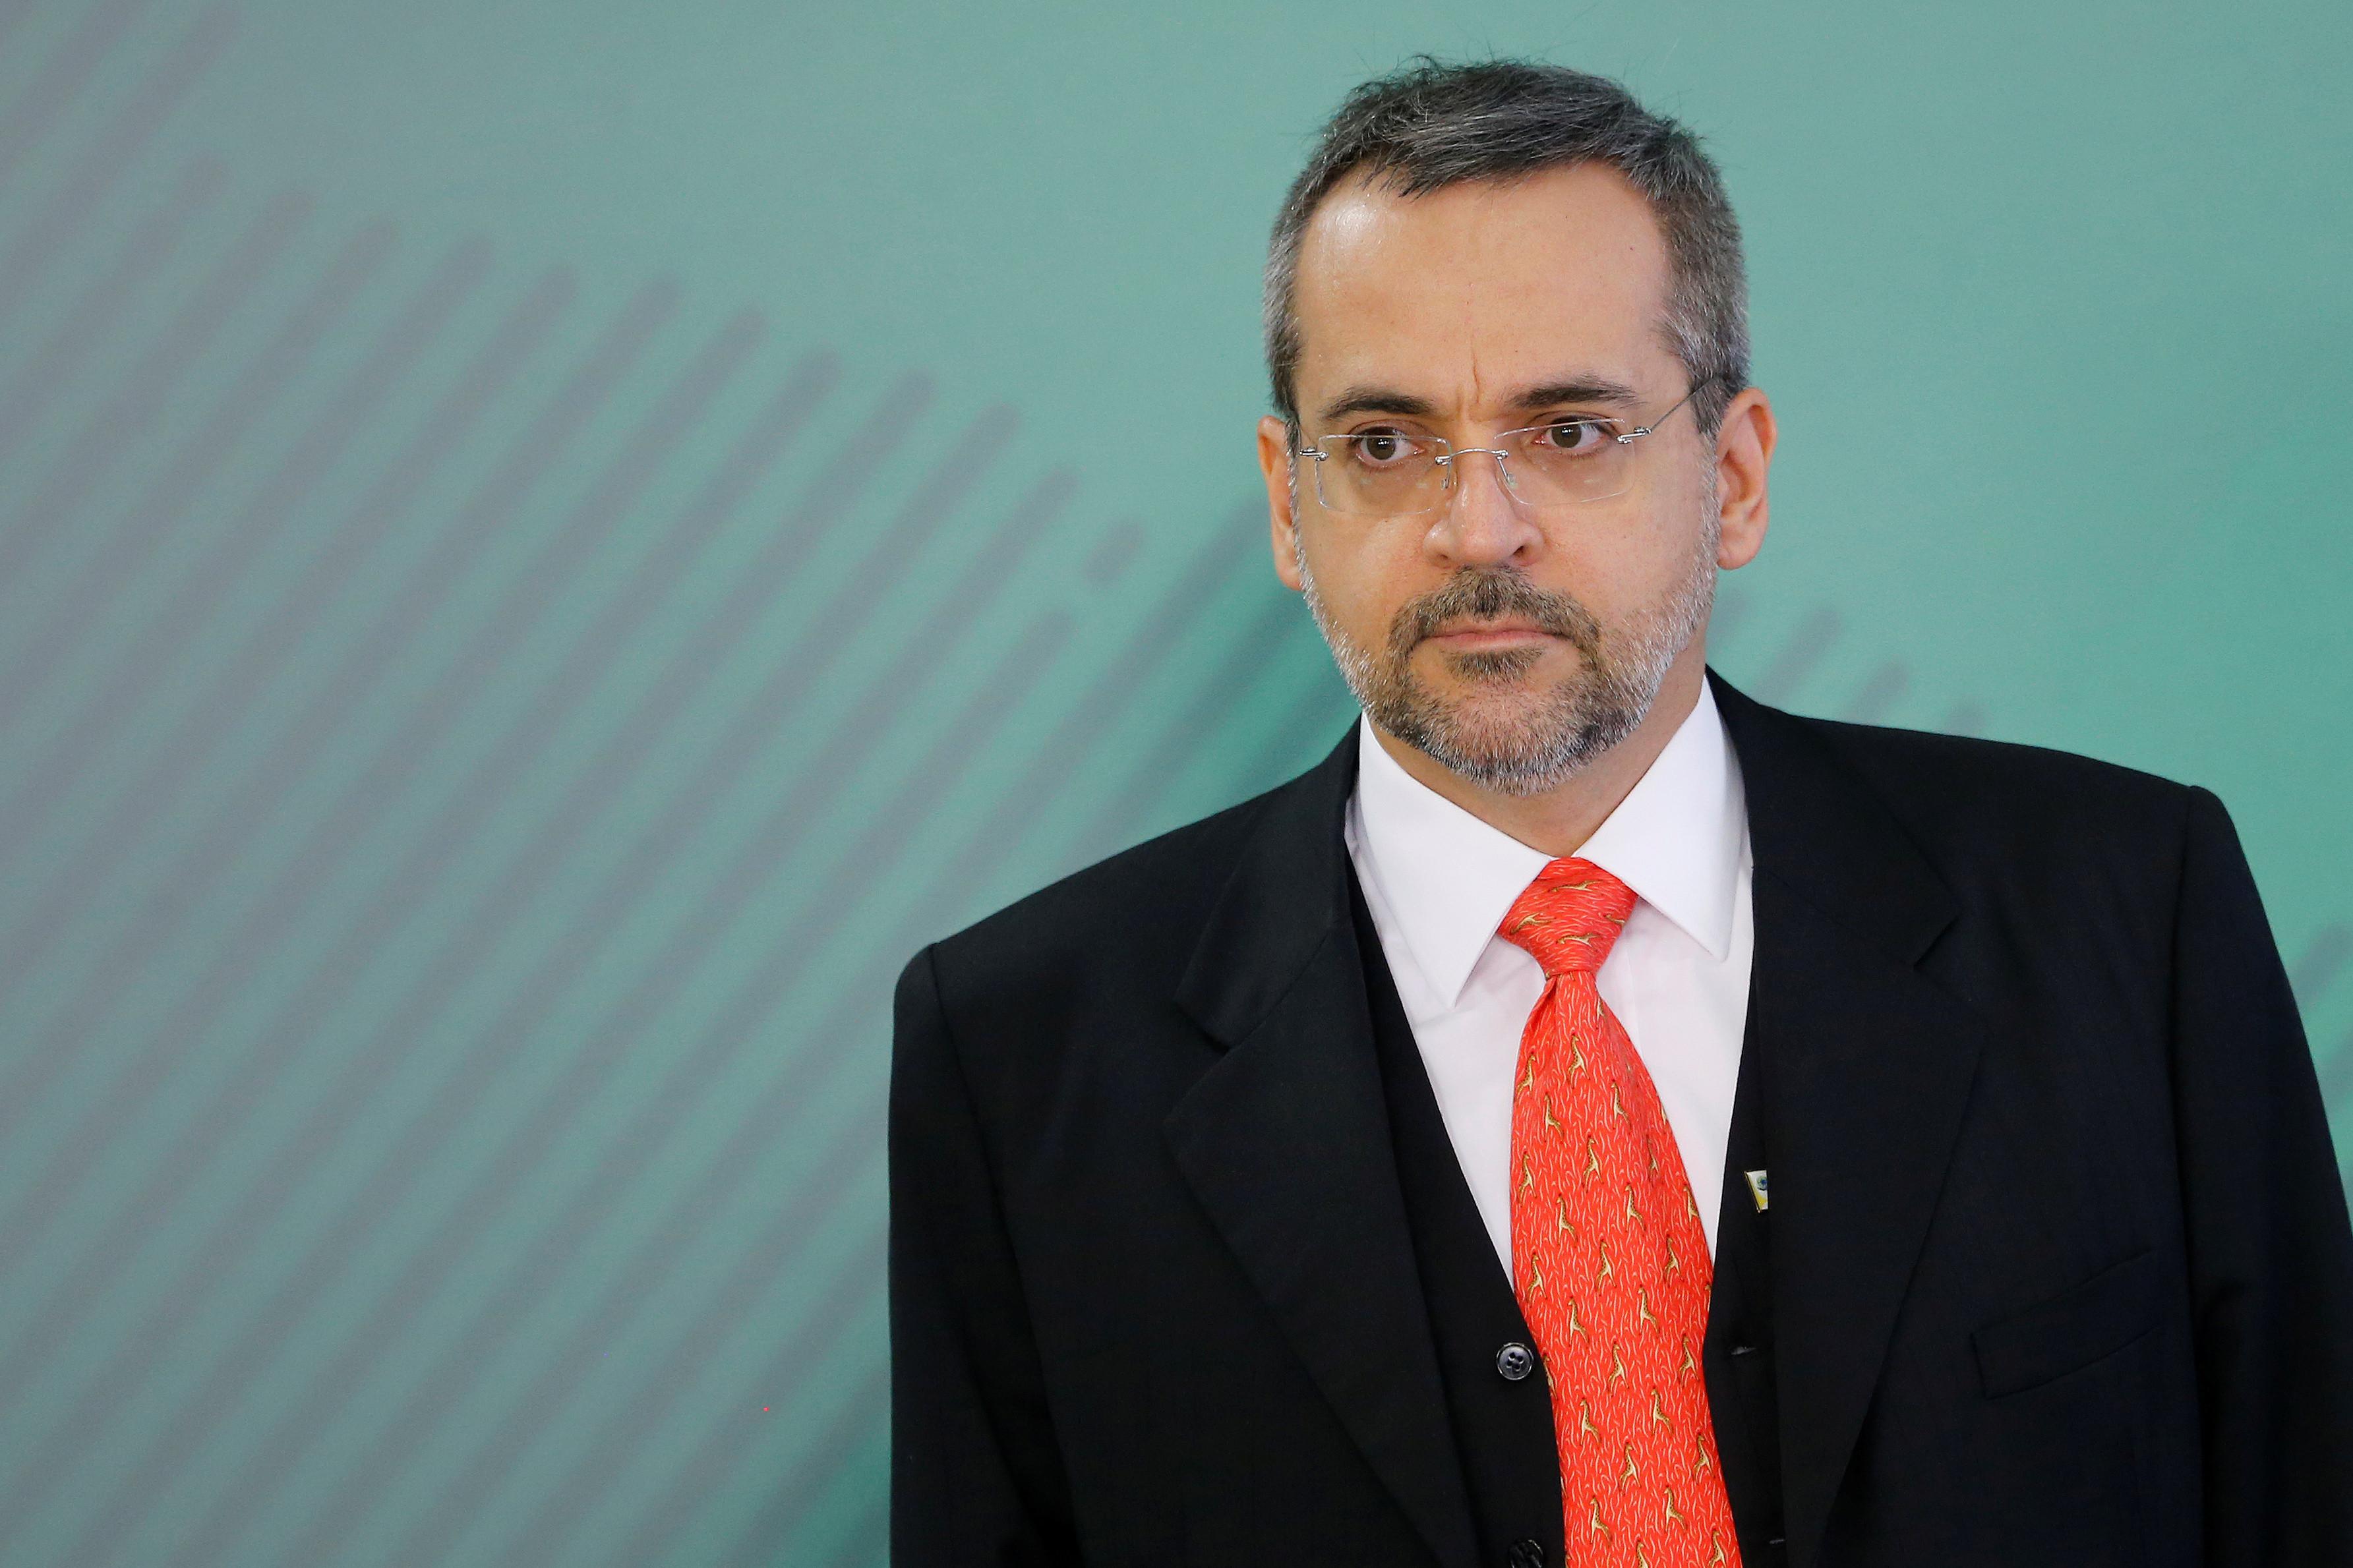 Ministro diz ser favorável à entrada da polícia nas universidades